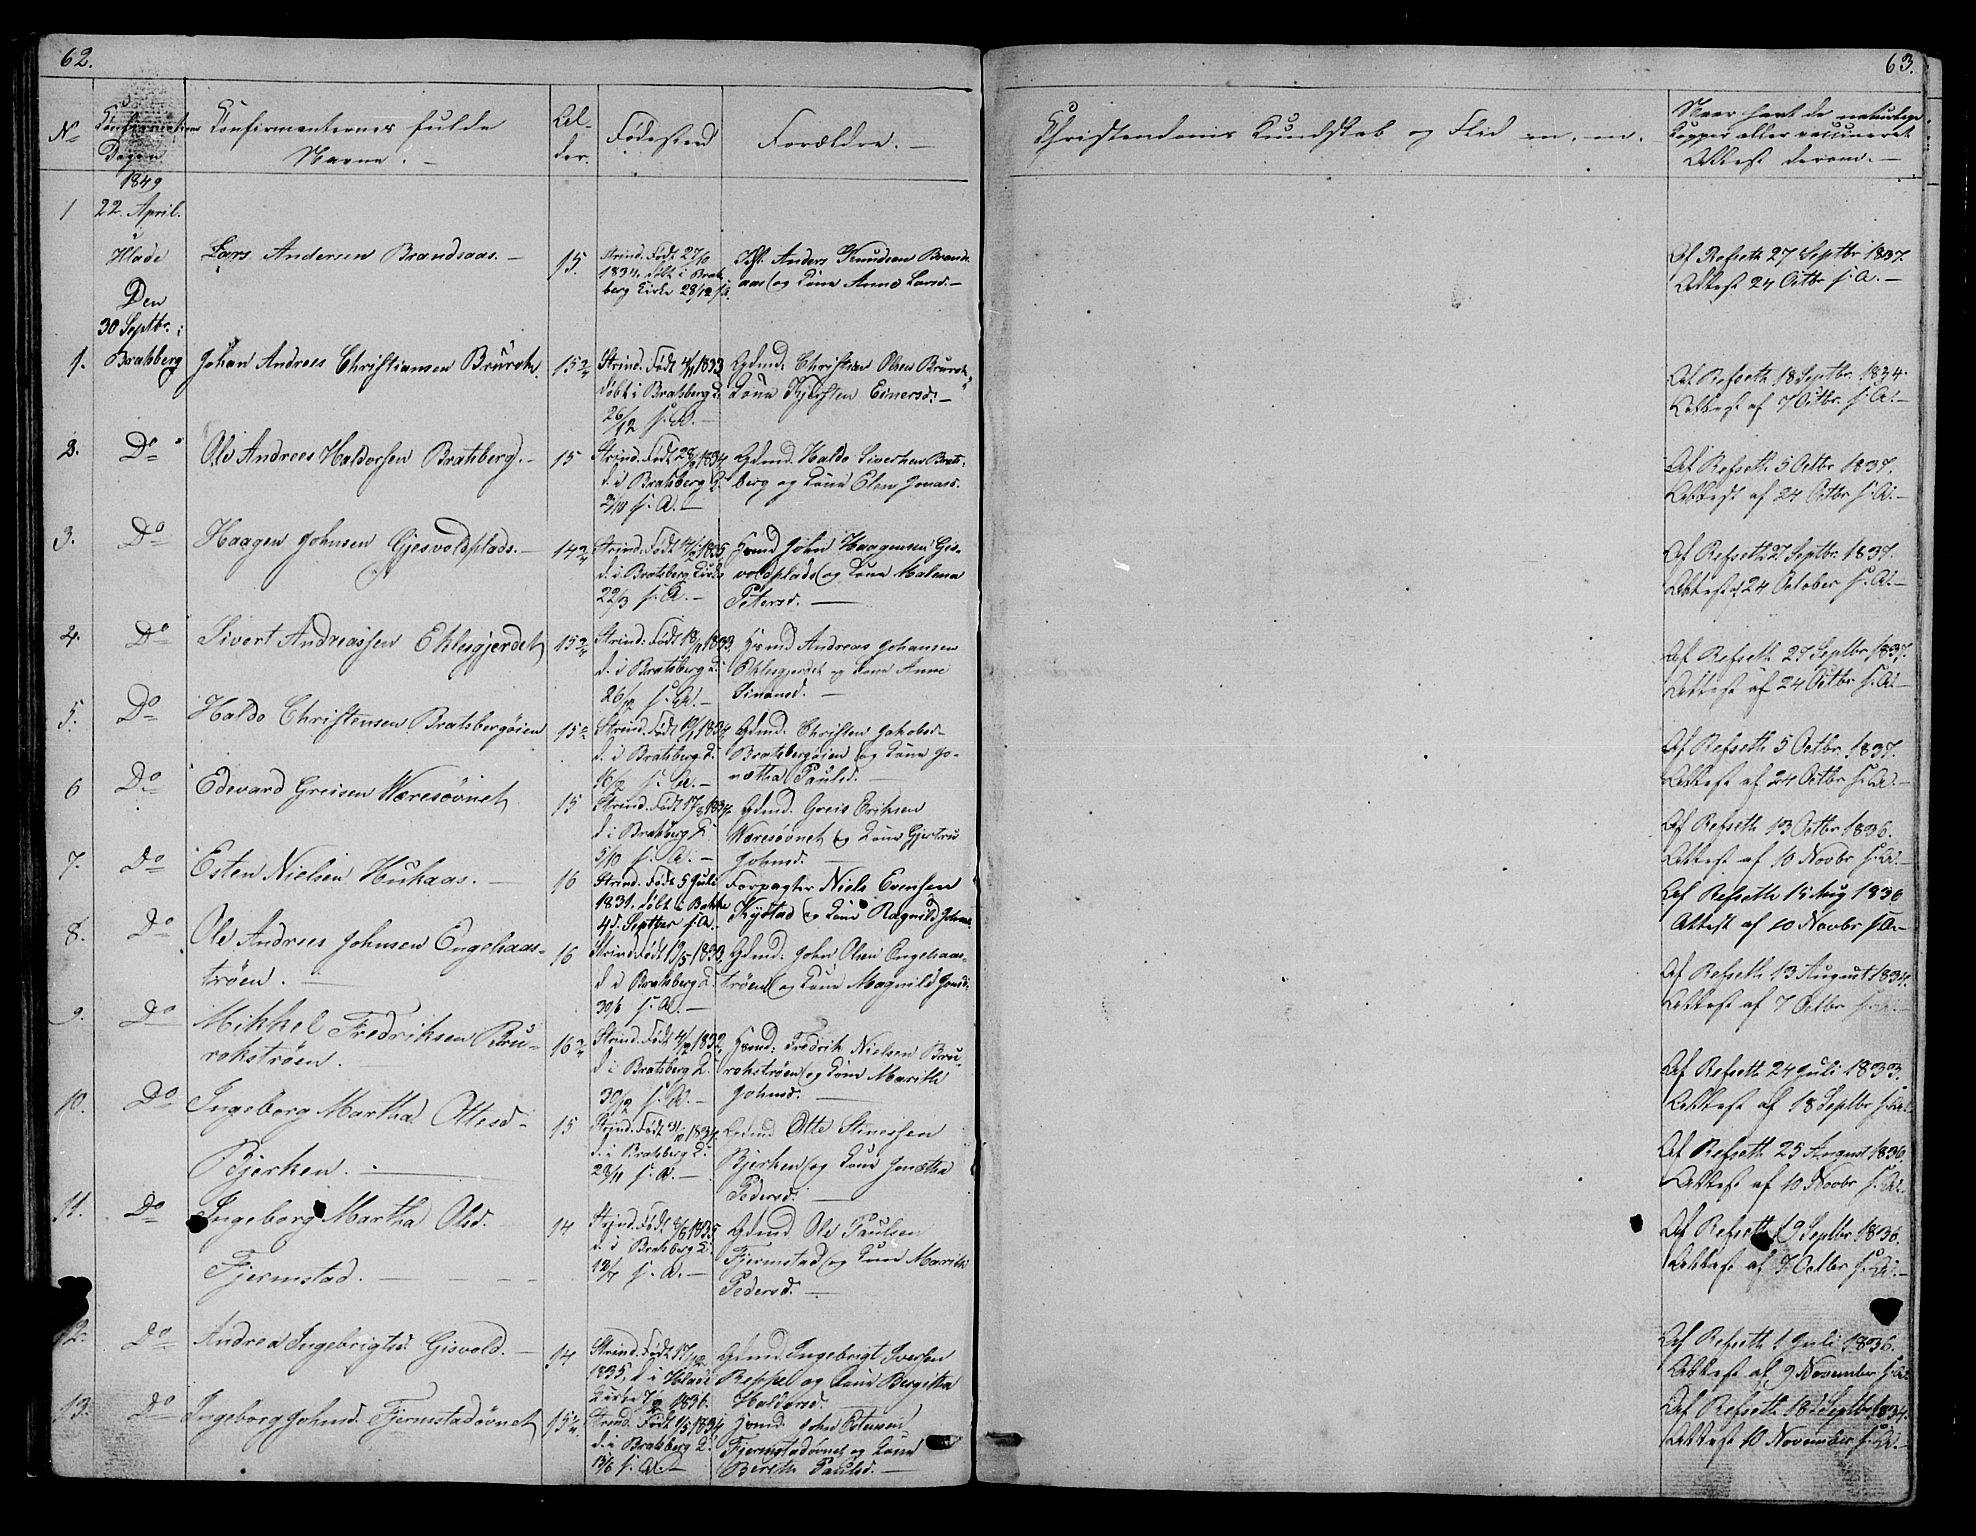 SAT, Ministerialprotokoller, klokkerbøker og fødselsregistre - Sør-Trøndelag, 608/L0339: Klokkerbok nr. 608C05, 1844-1863, s. 62-63